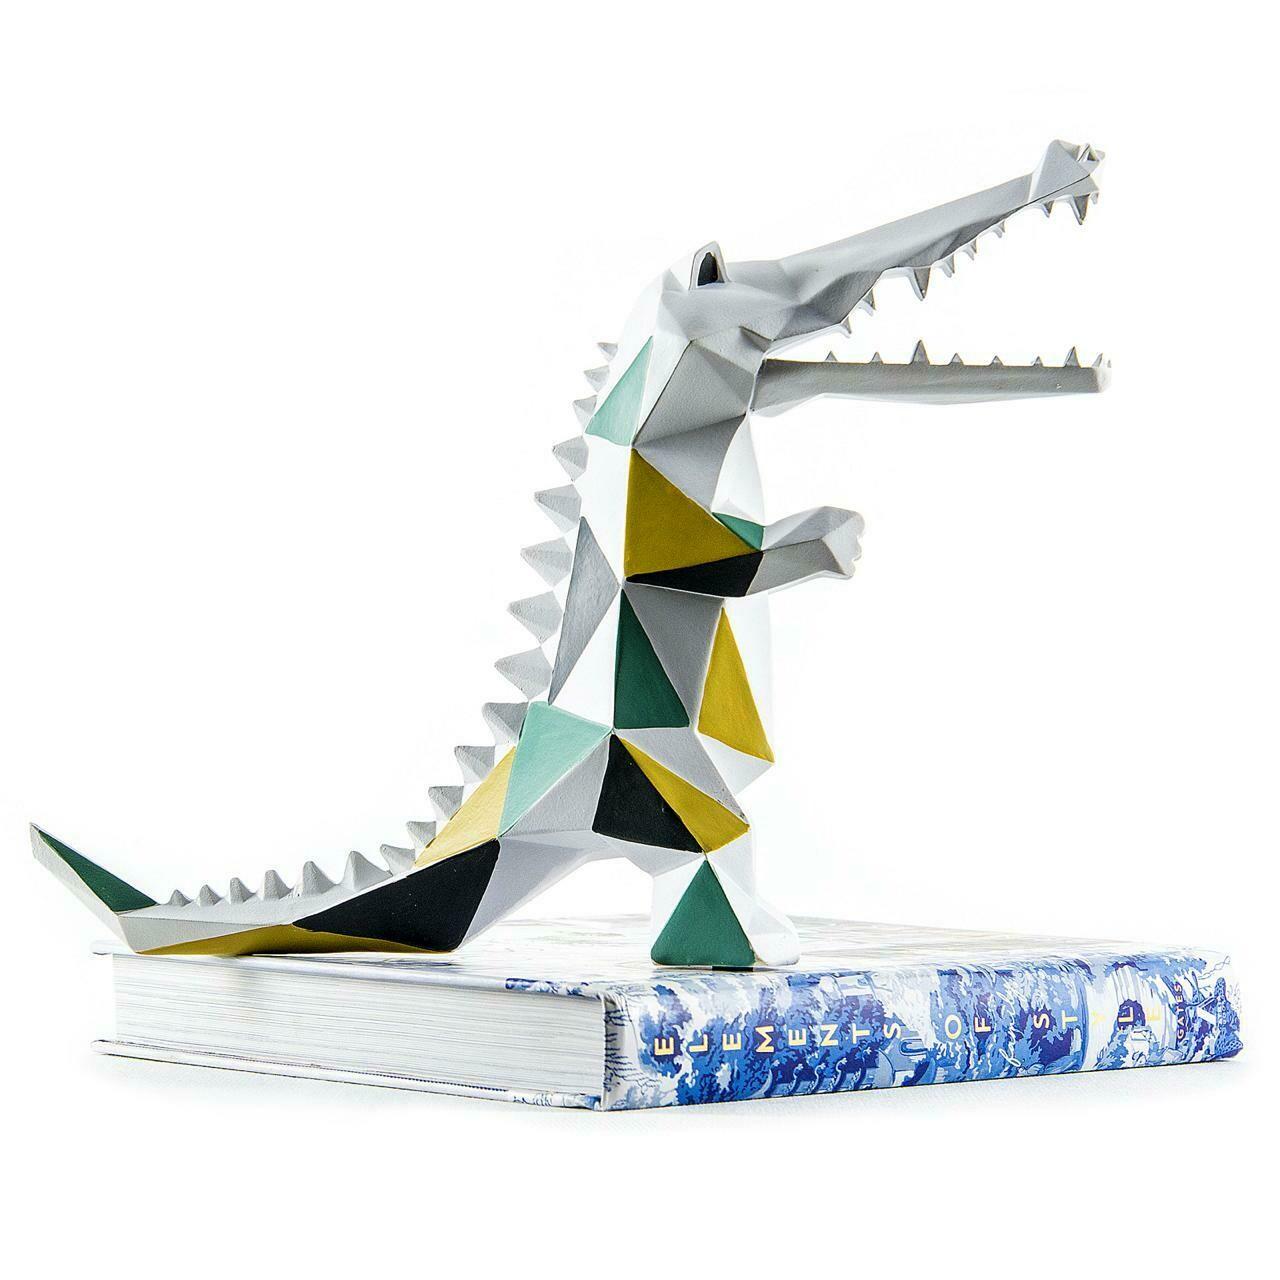 Silver Croc Sculpture - Cool Ornaments